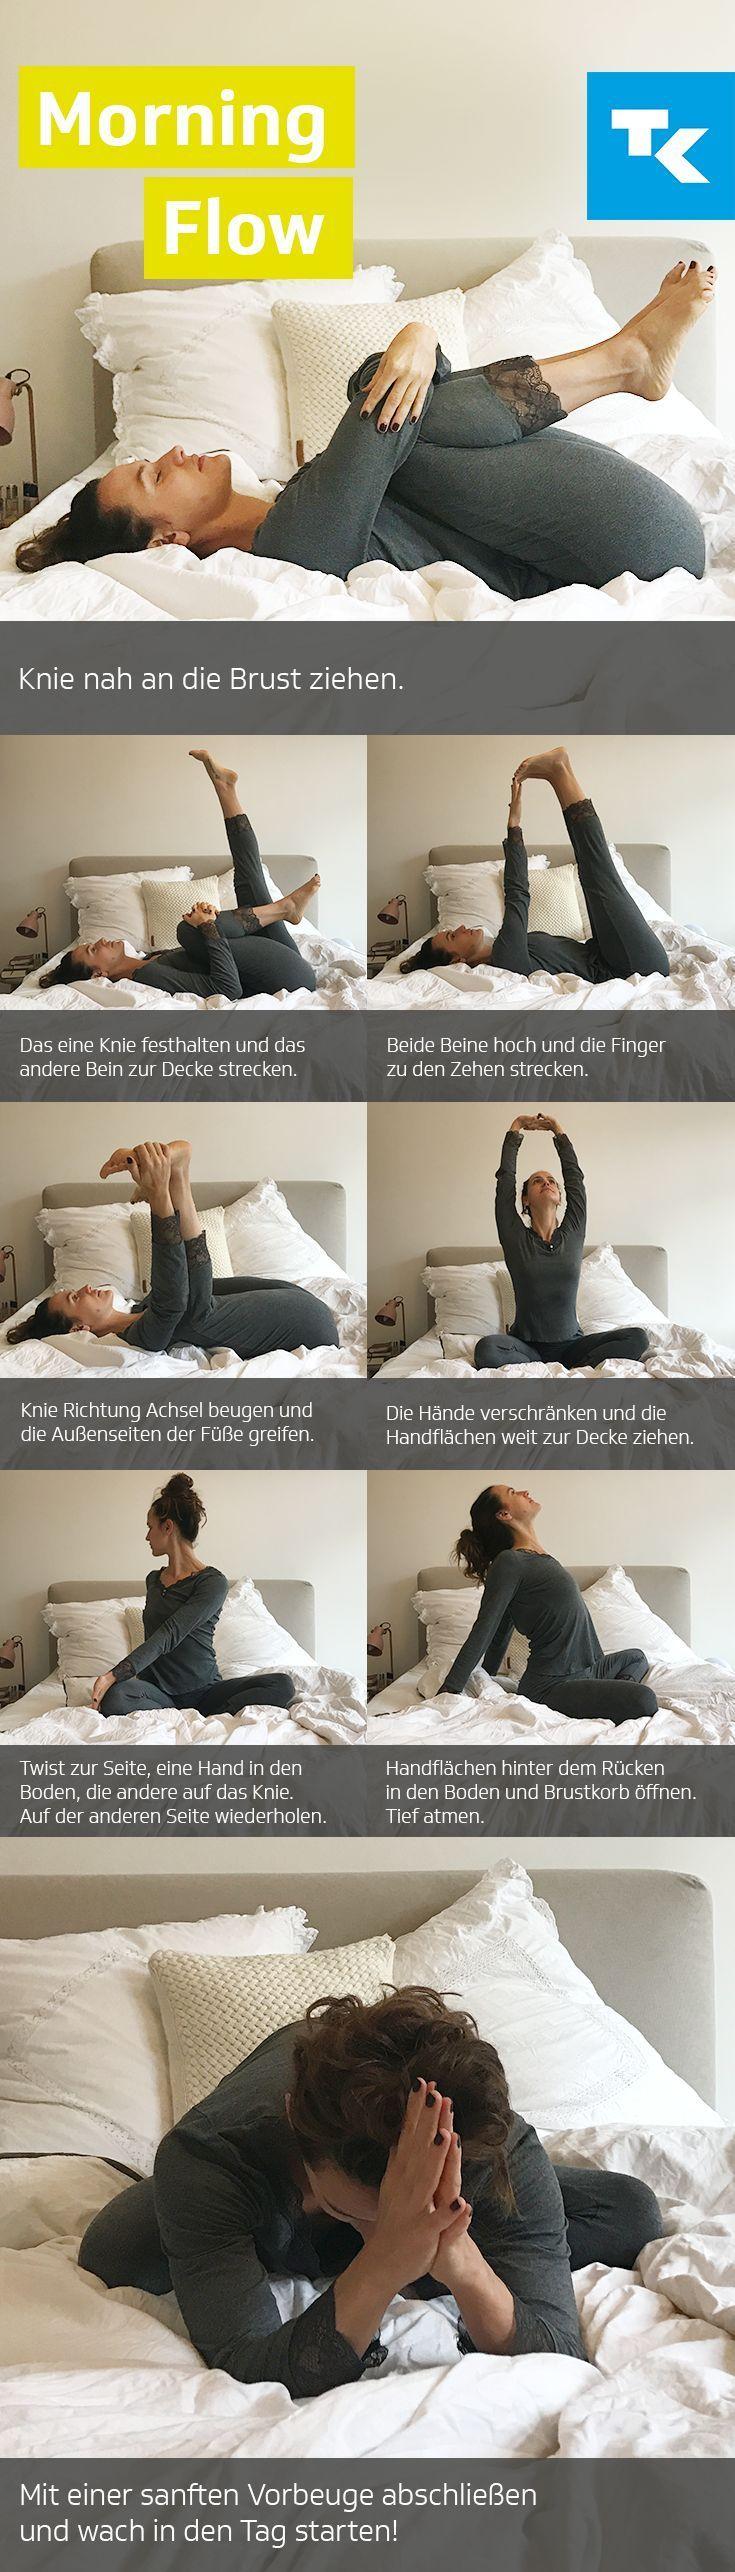 #Yoga in #Bett? Entspannter als mit unserem #MorningFlow kann ein Tag tatsächlich sein – Emmy